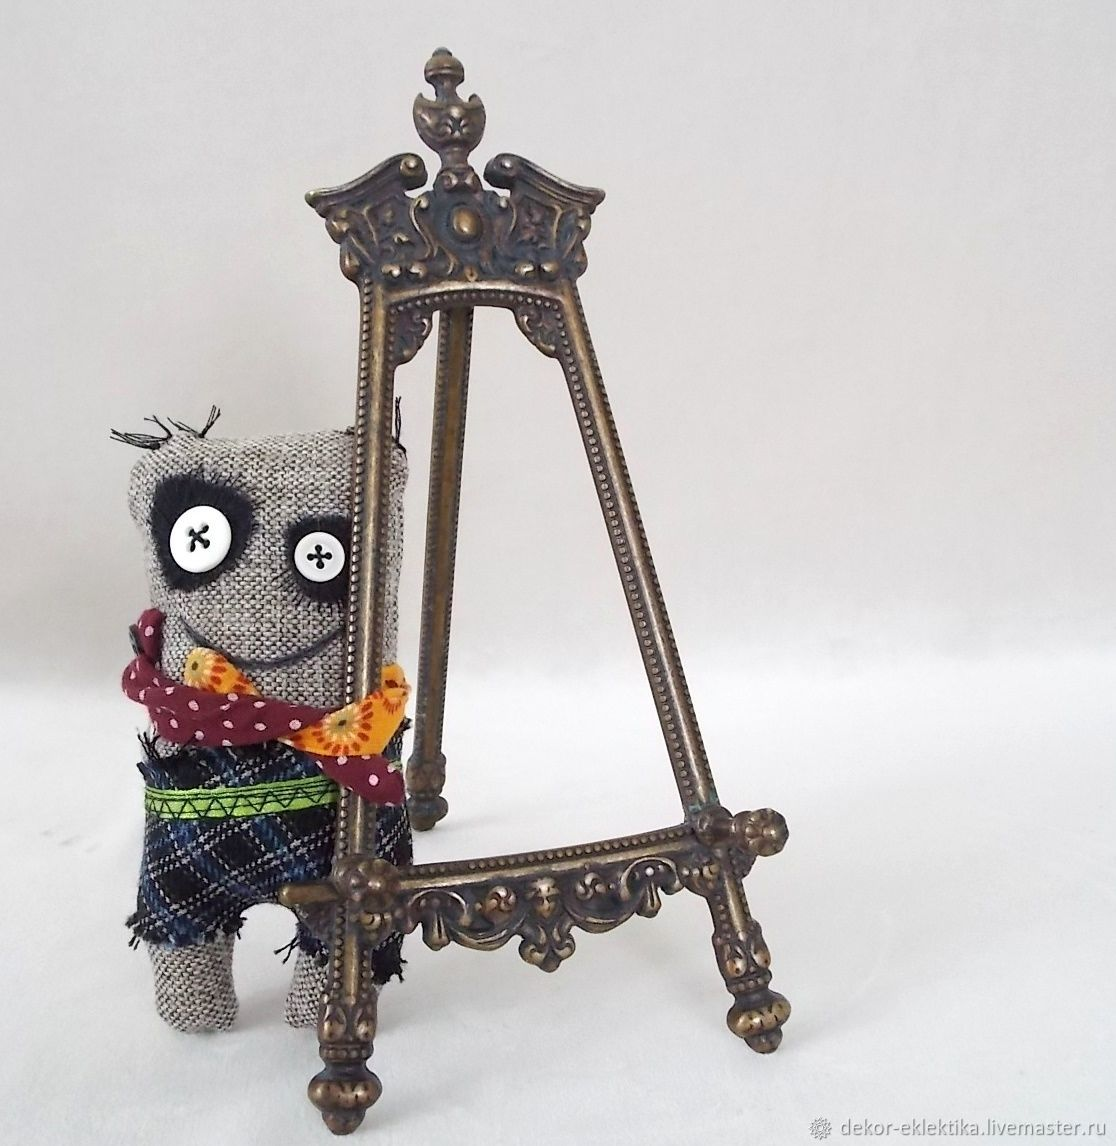 Текстильная игрушка Братец-монстрик , чердачная игрушка, Игрушки, Магнитогорск, Фото №1